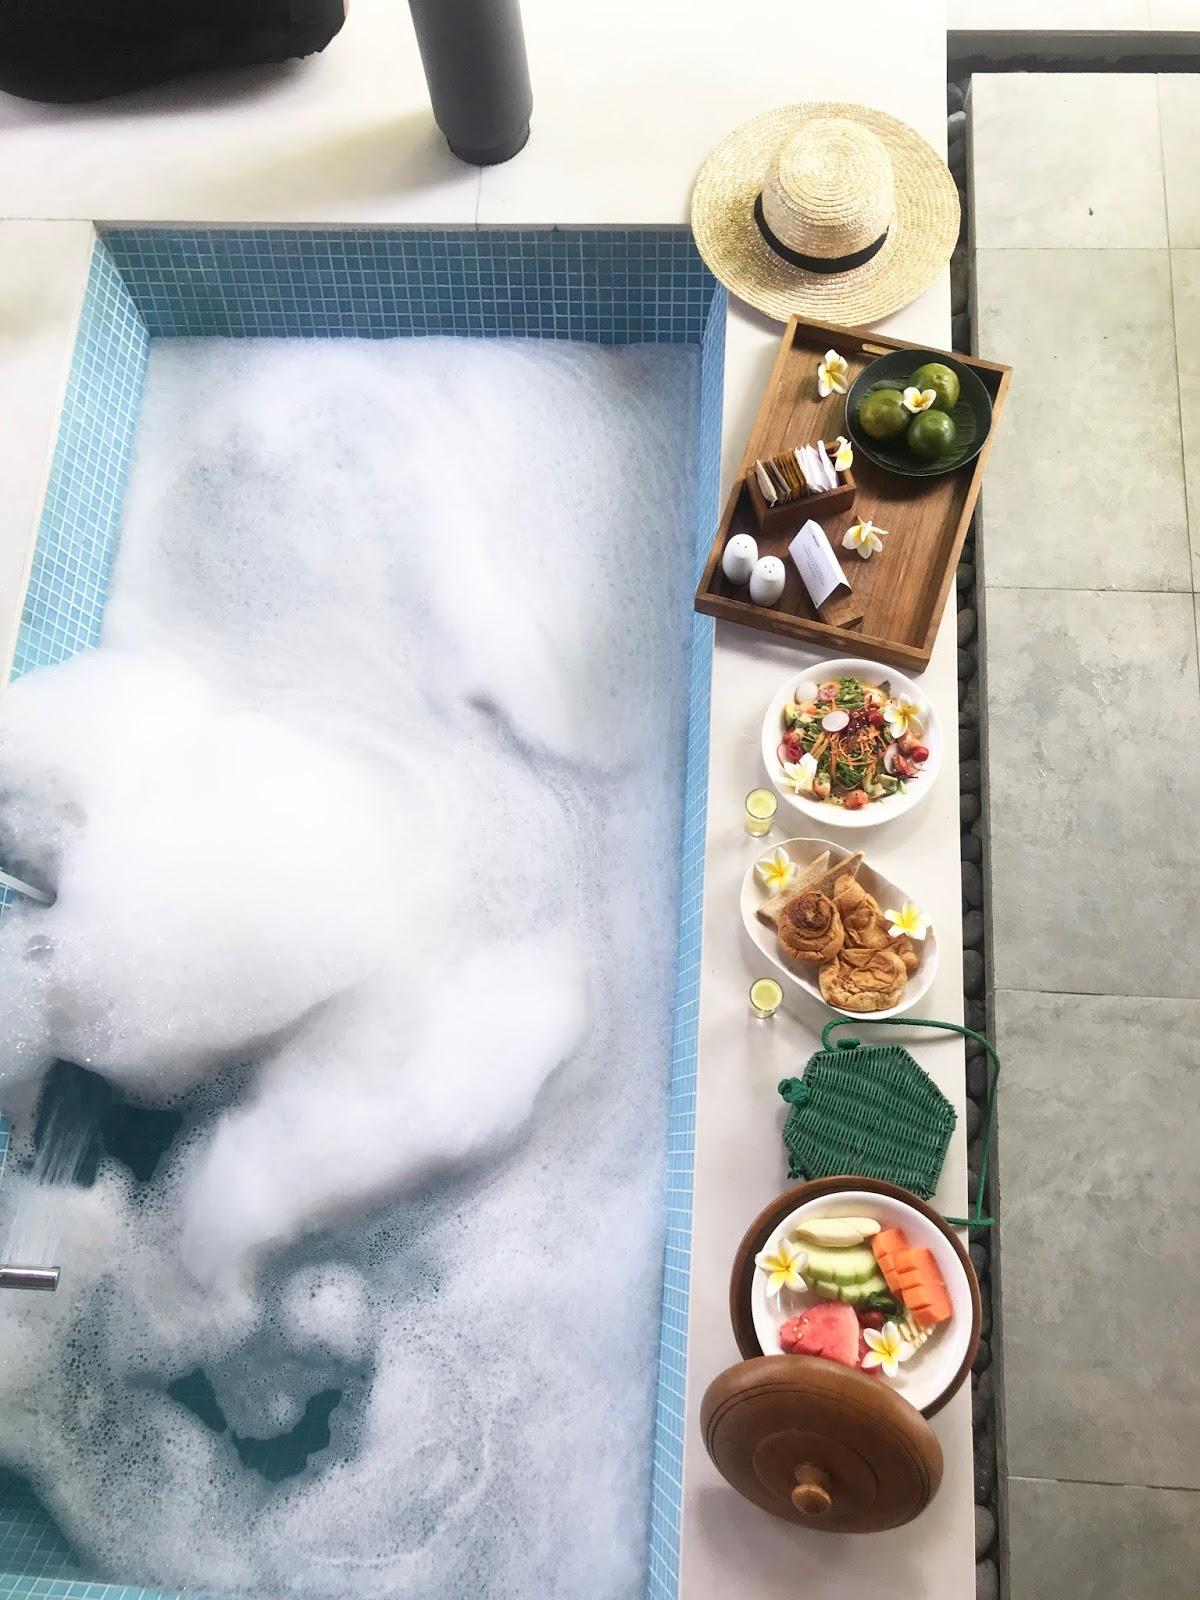 The Santai Bathtub